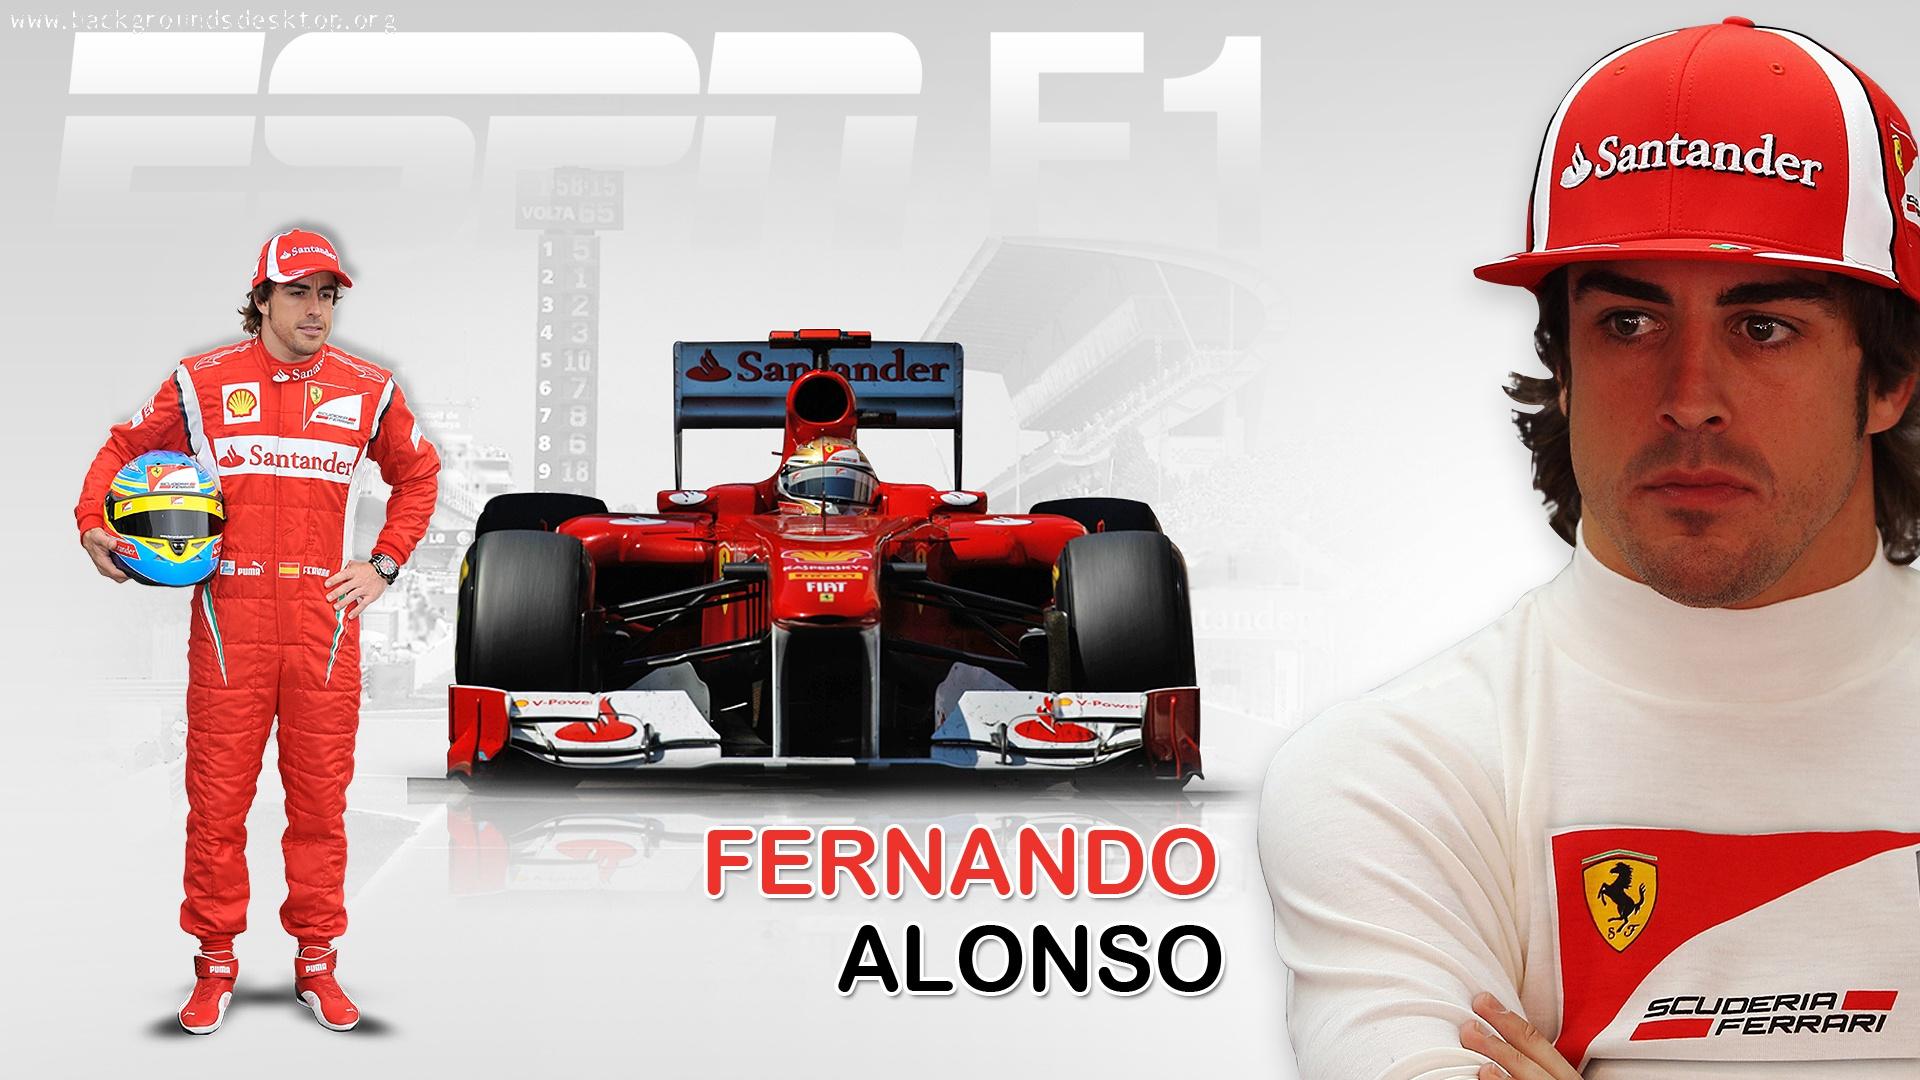 Fernando Alonso a enregistré une petite vidéo afin de rassurer ses fans